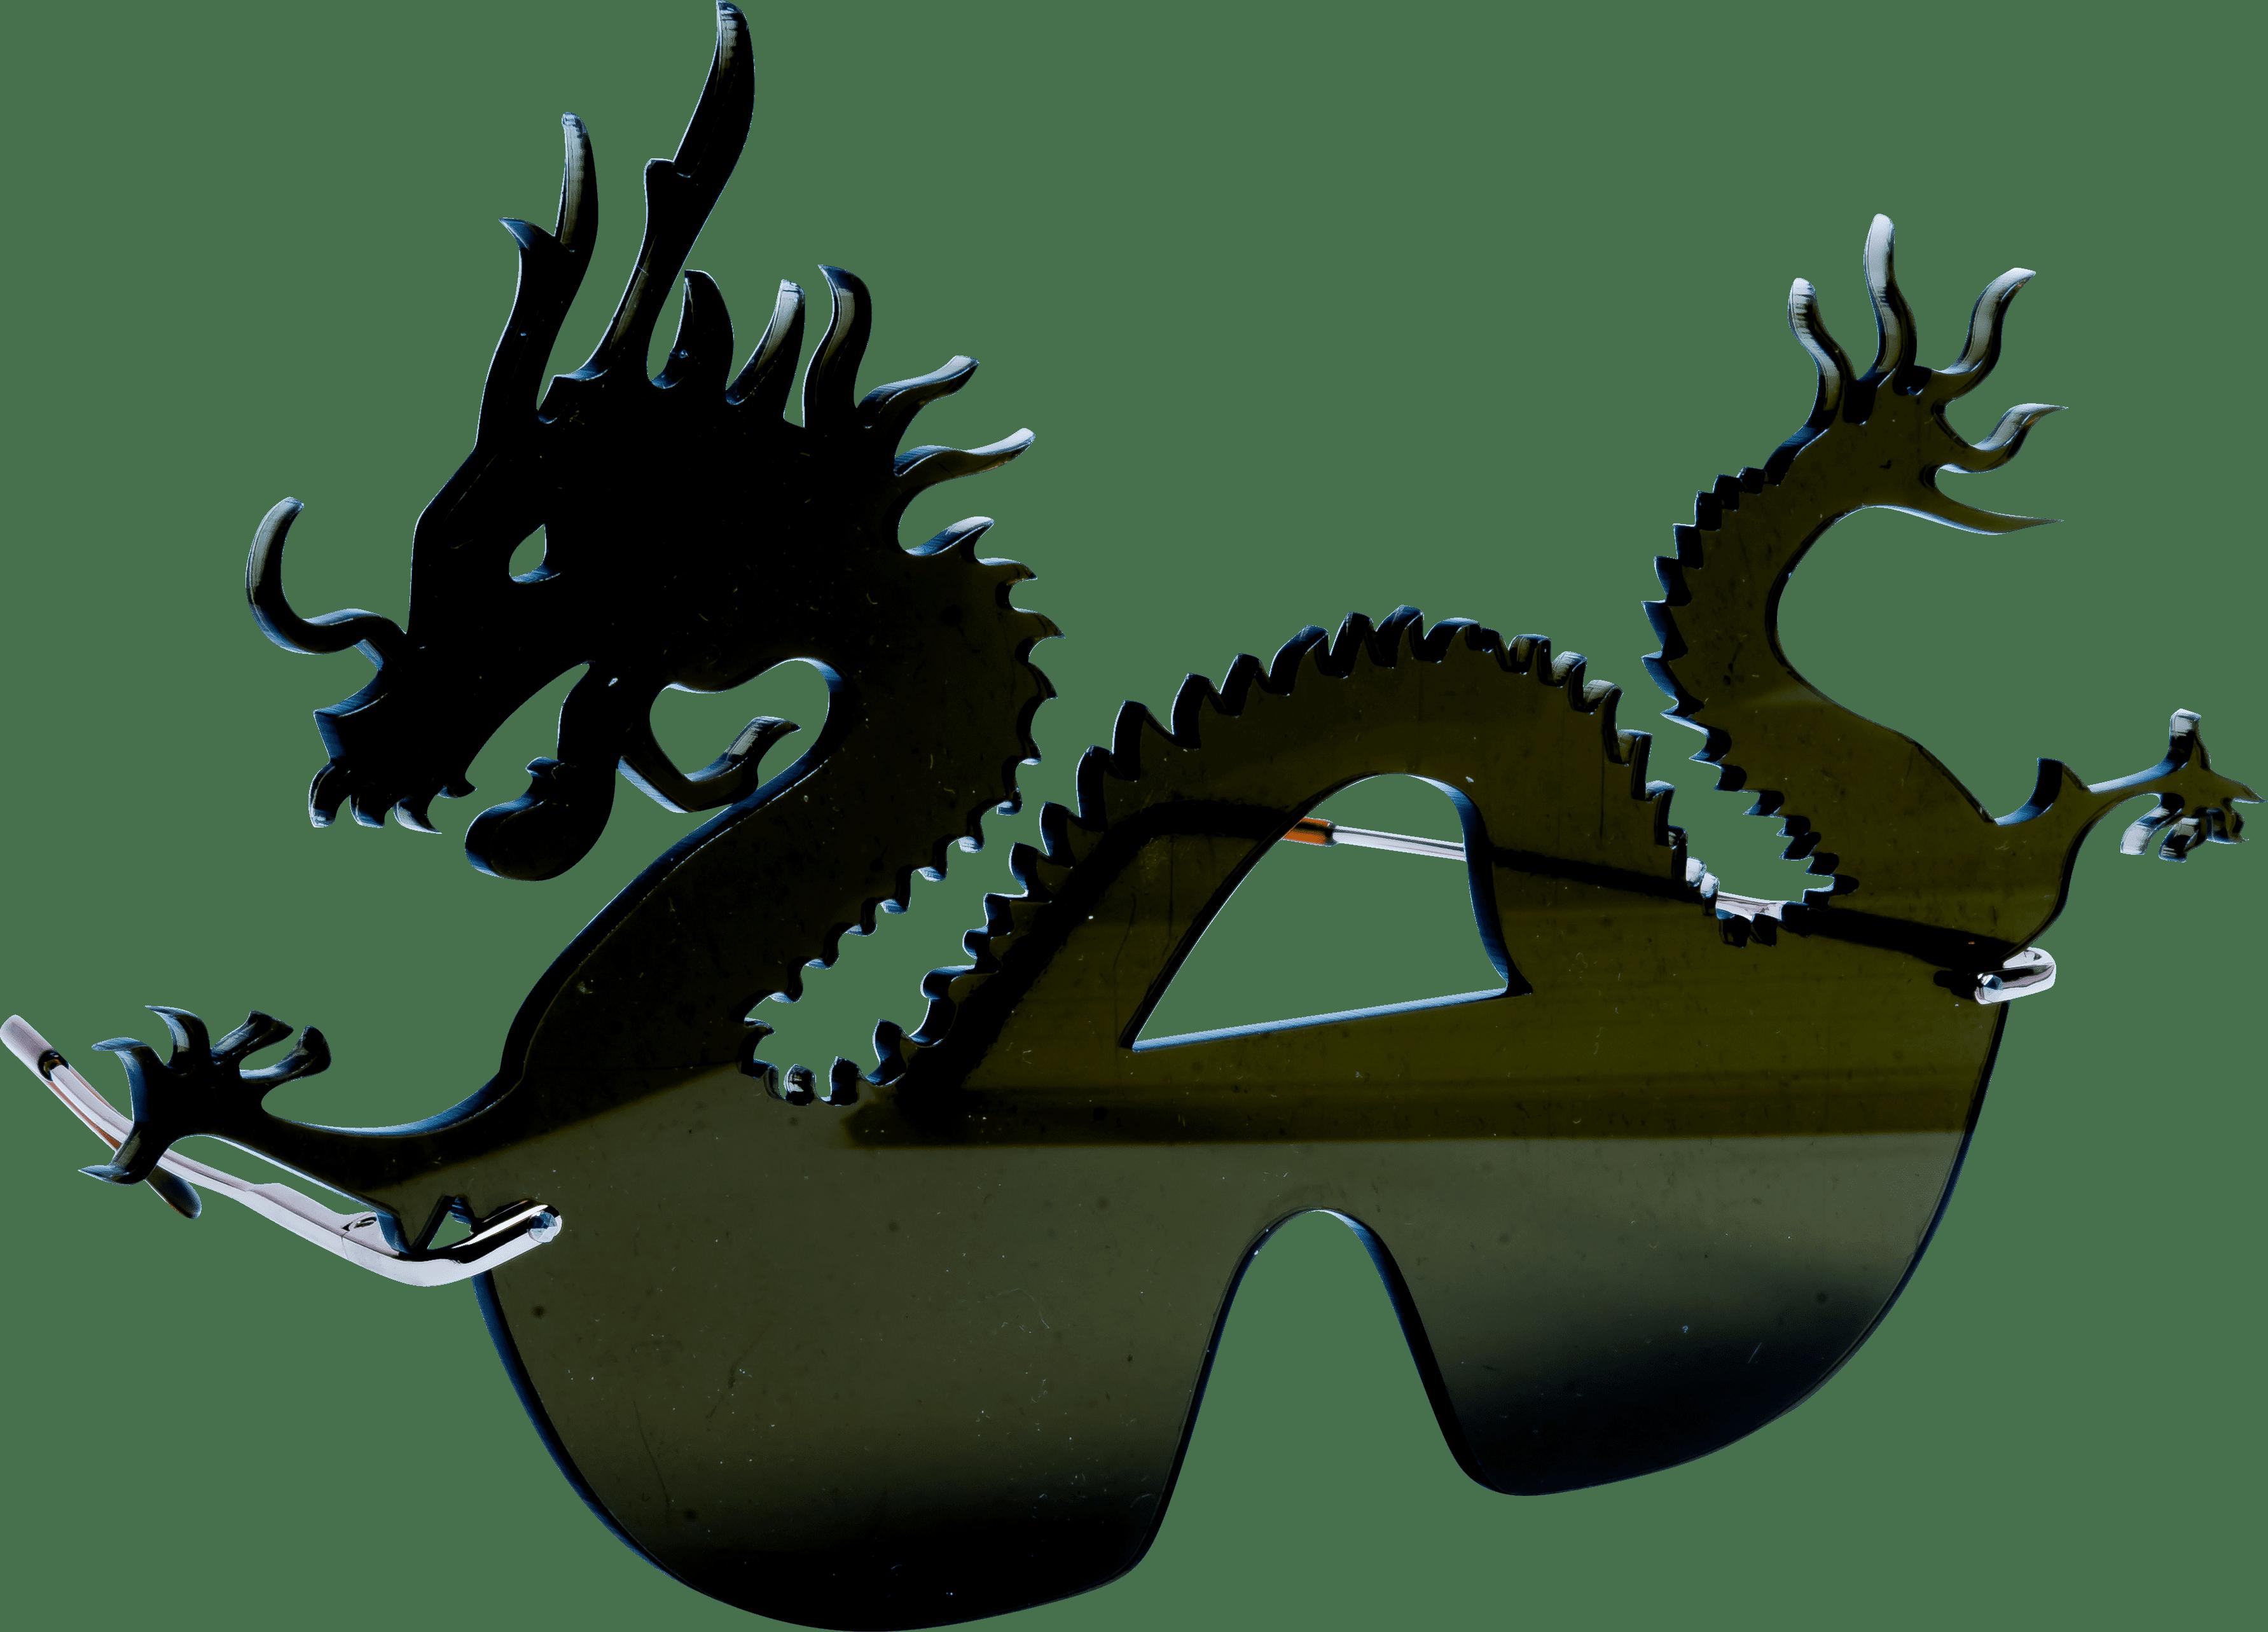 Картинки летящего дракона карандашом противном